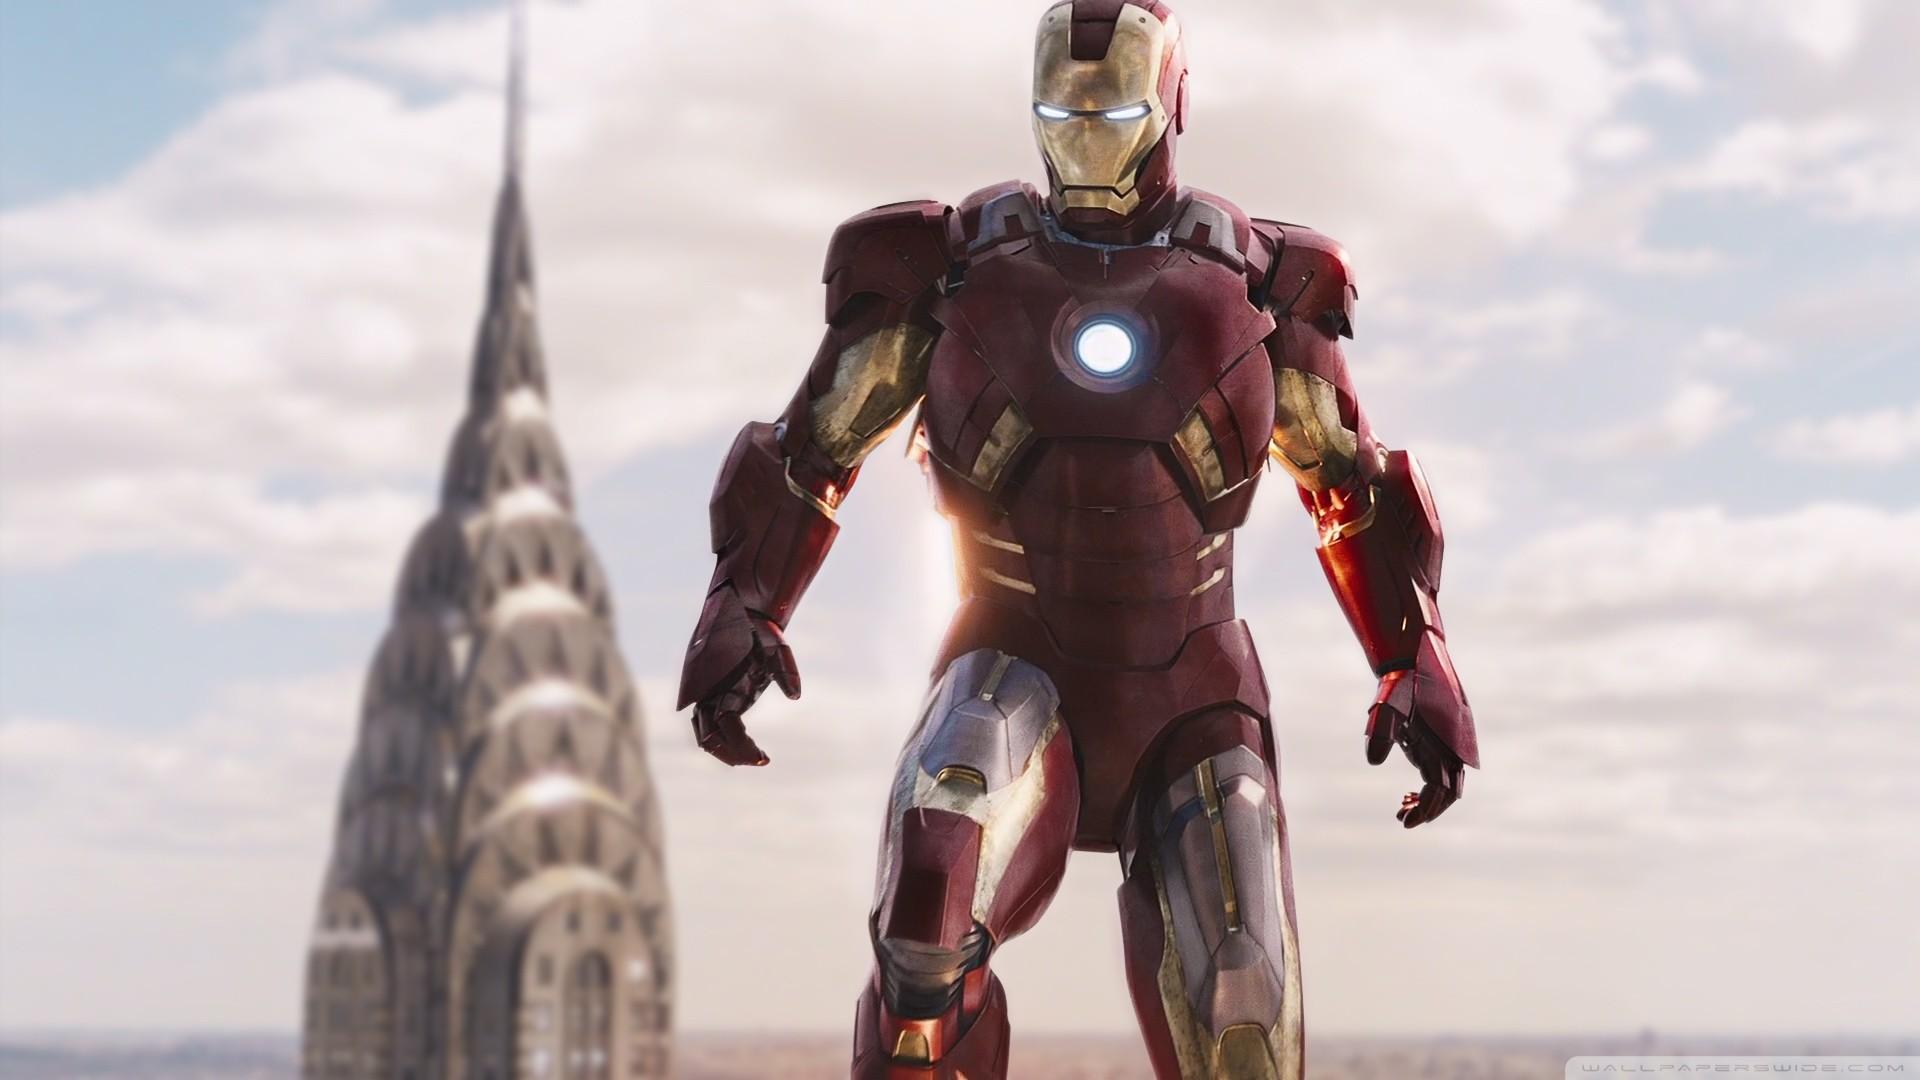 Ironman-MARK07-Avengers HD Wide Wallpaper for Widescreen